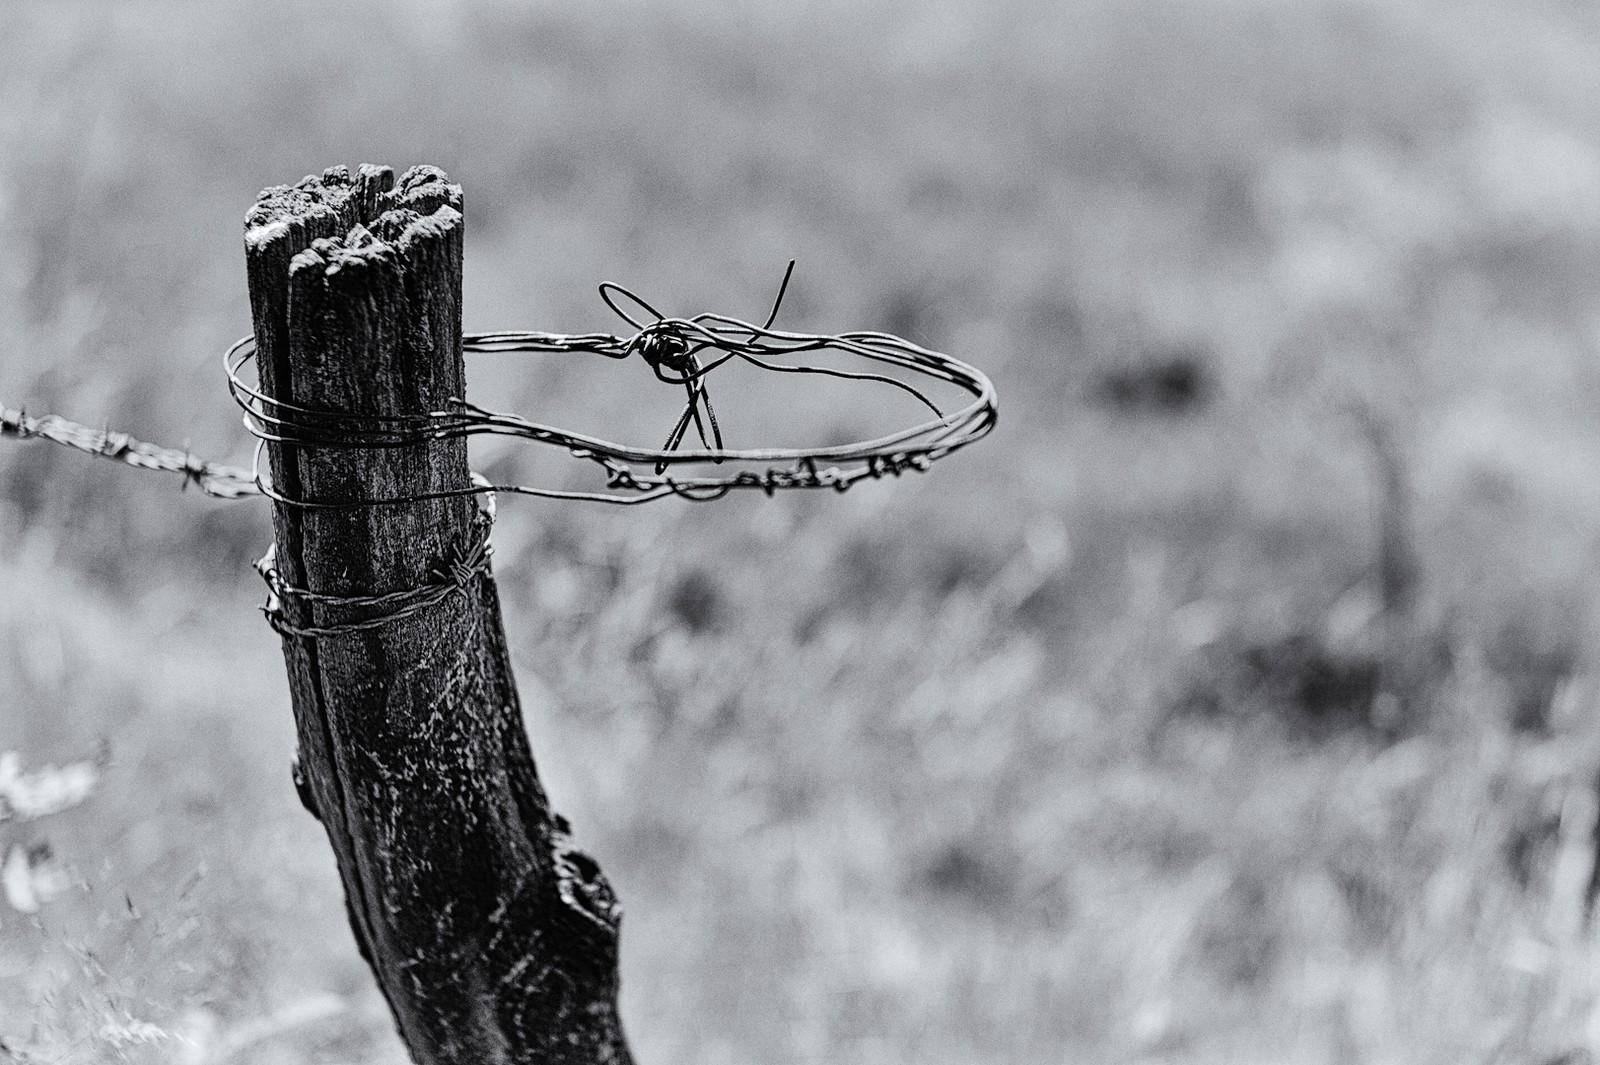 2012-Varia_2012-07-26_12-41-19_00810_DxO-Edit-X3.jpg